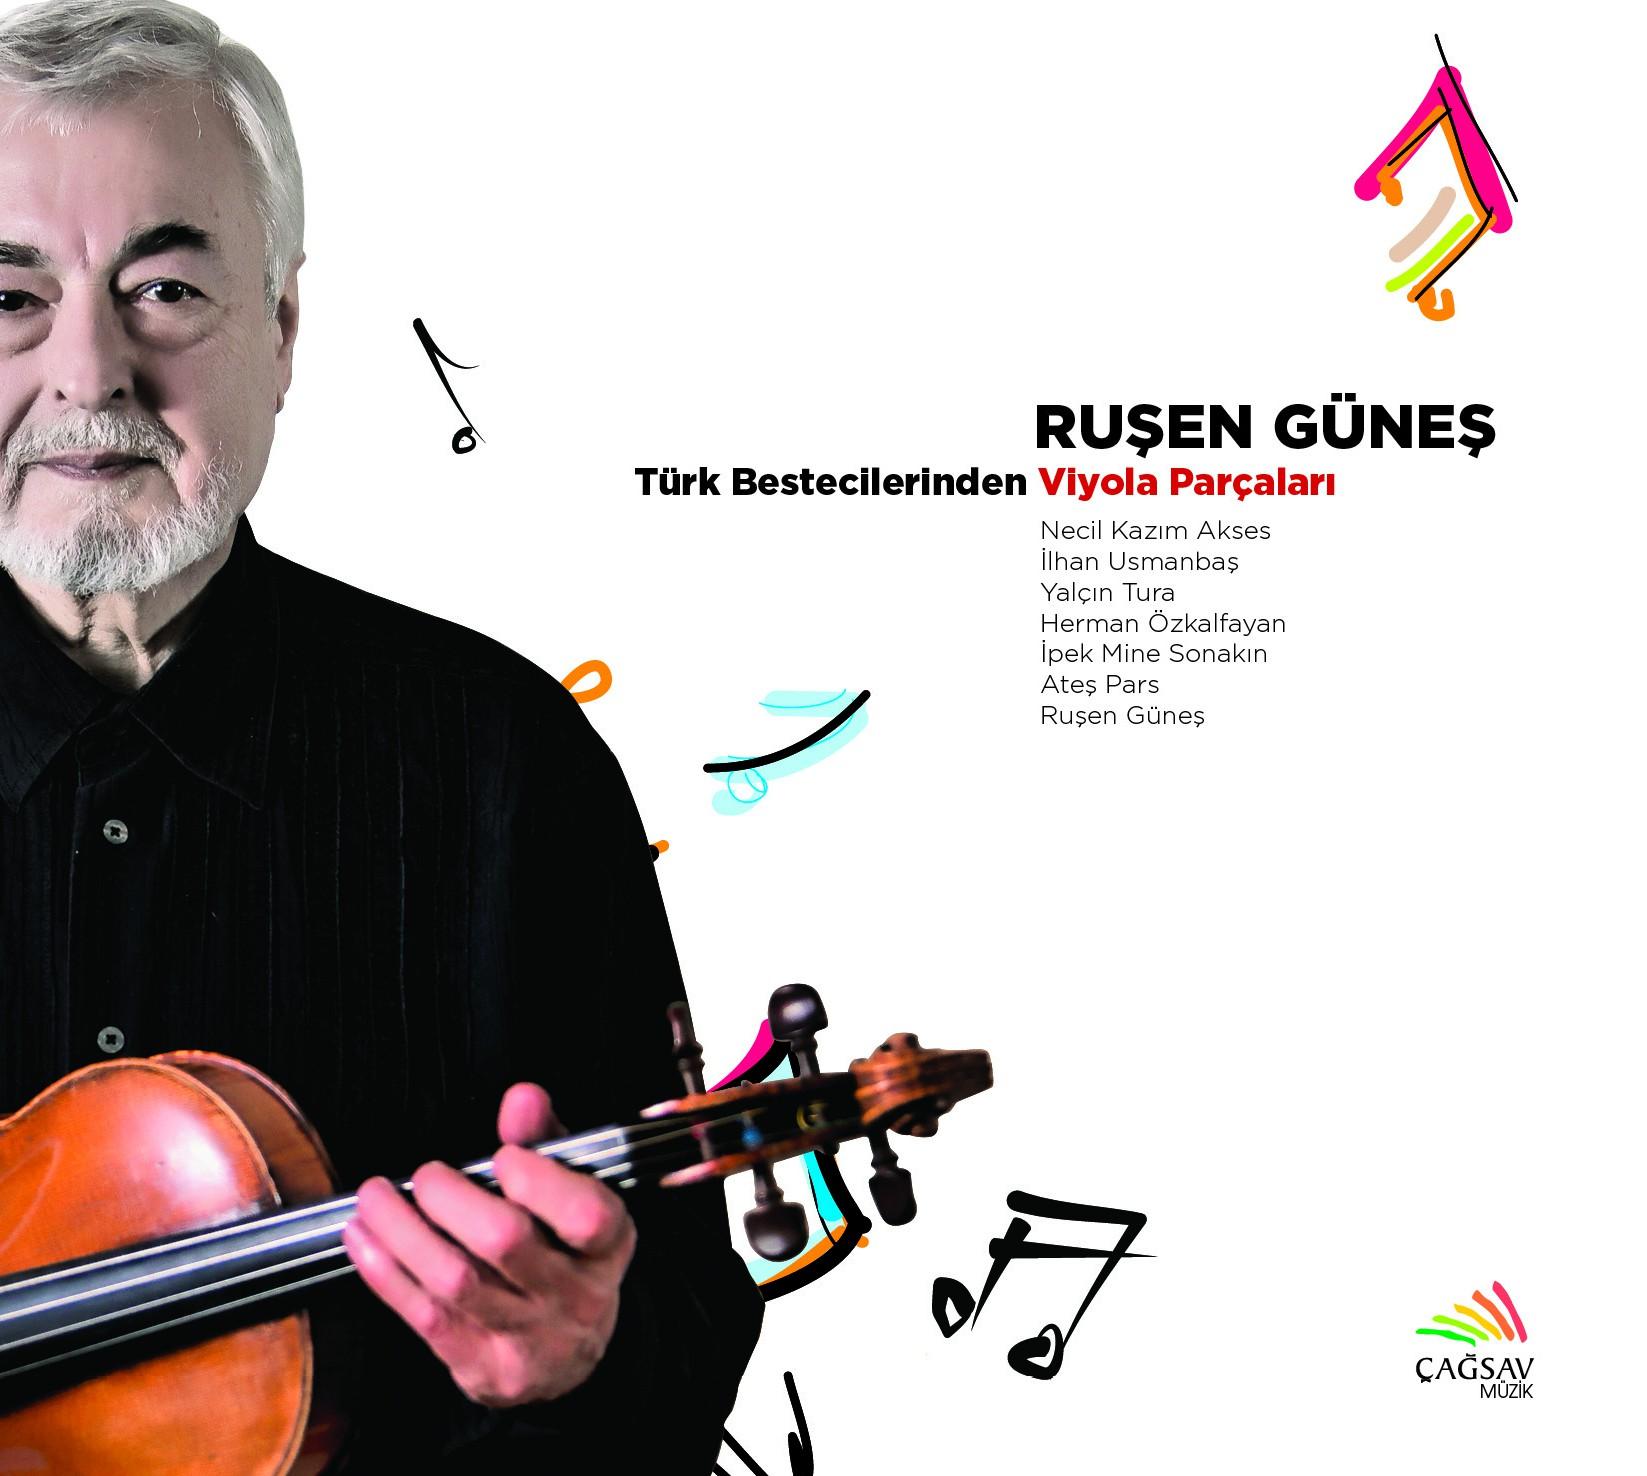 Ruşen Güneş: Türk Bestecilerinden Viyola Parçaları - CD - Opus3a